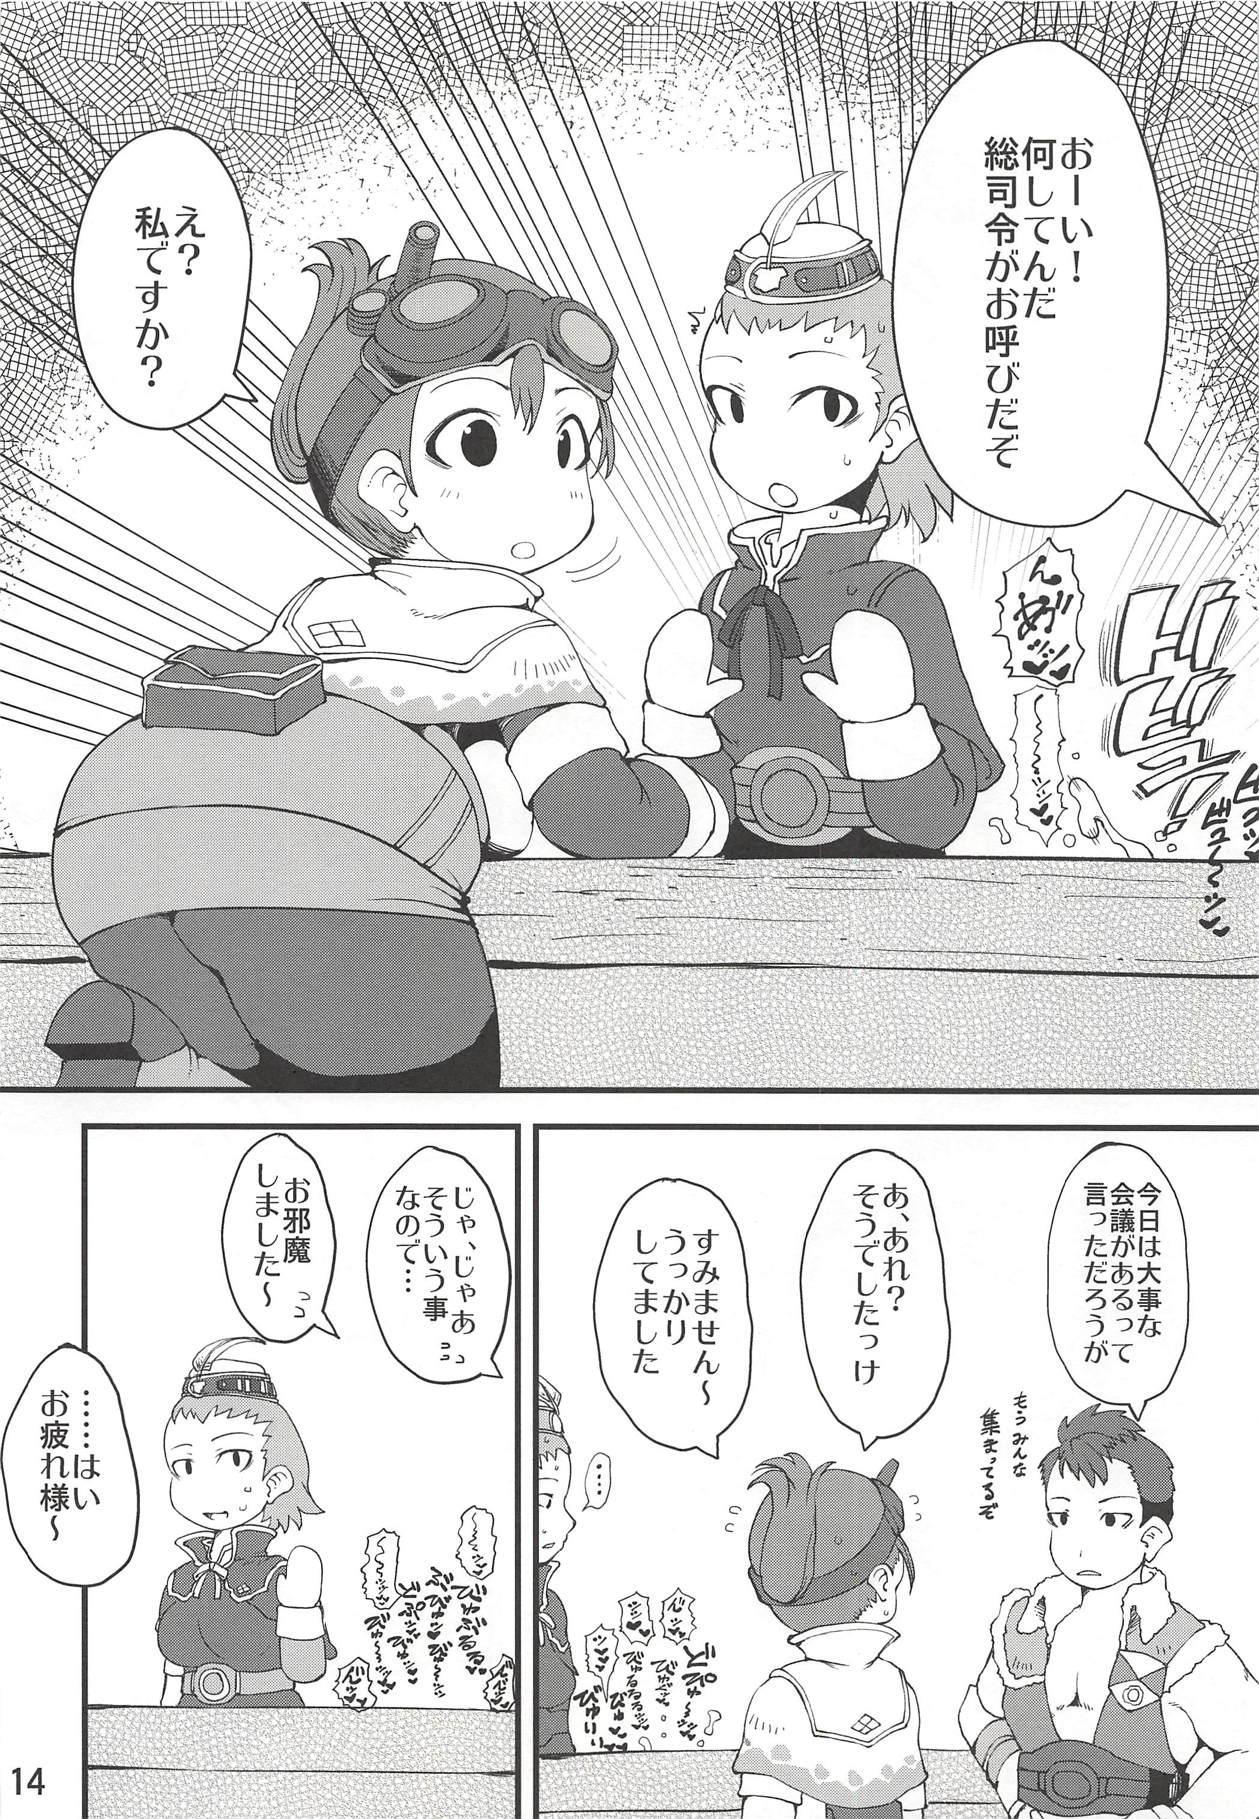 Katsuyoku no Uketsukejou 12